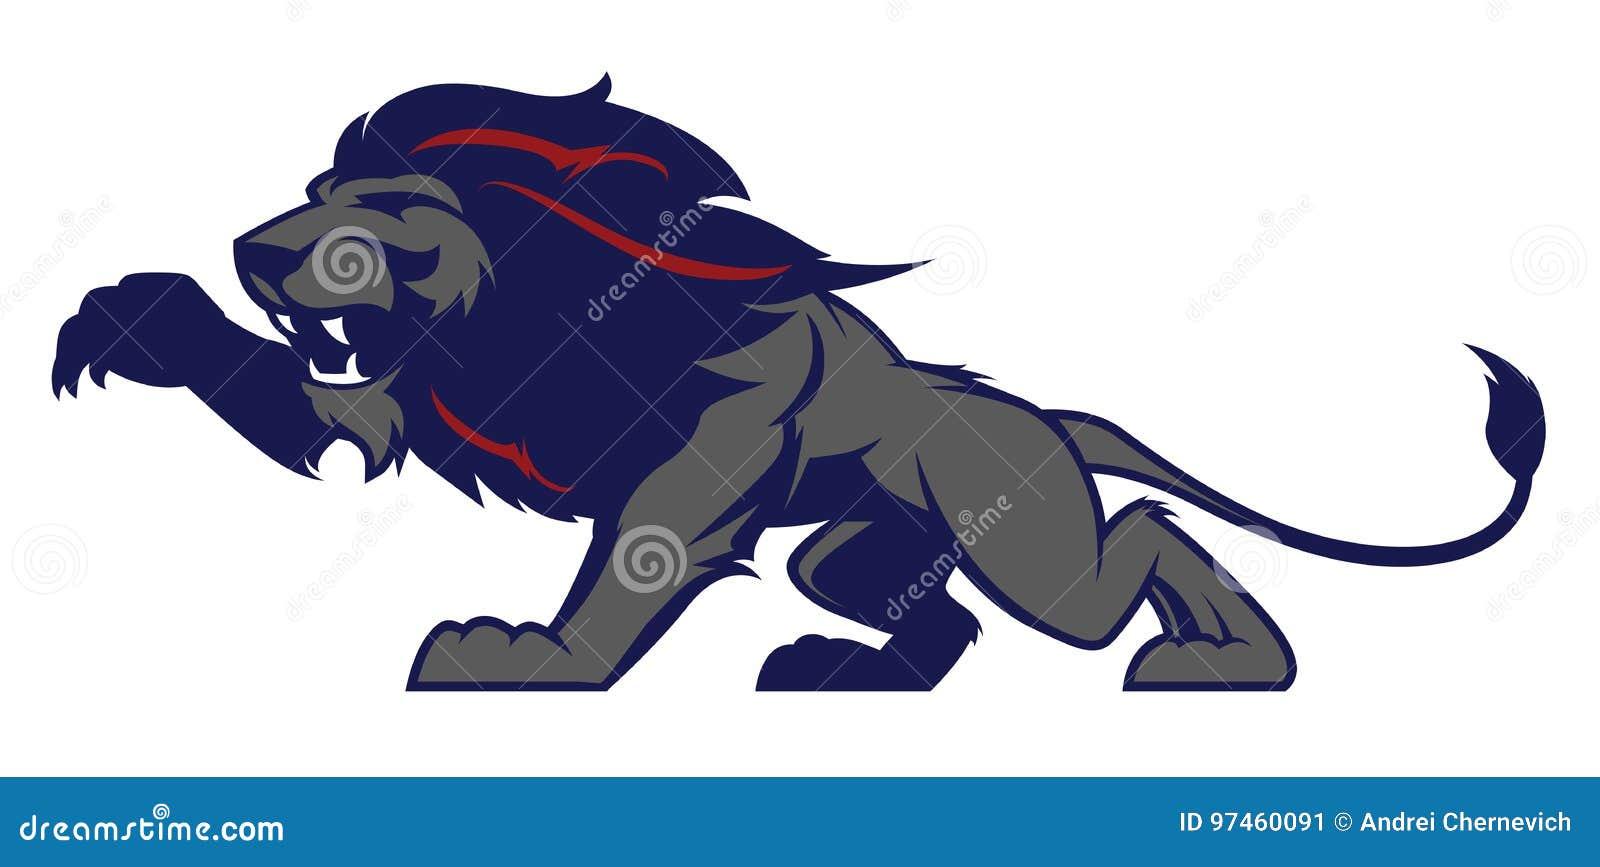 Mascota Del León, Versión Coloreada Grande Para Los Logotipos De Los ...